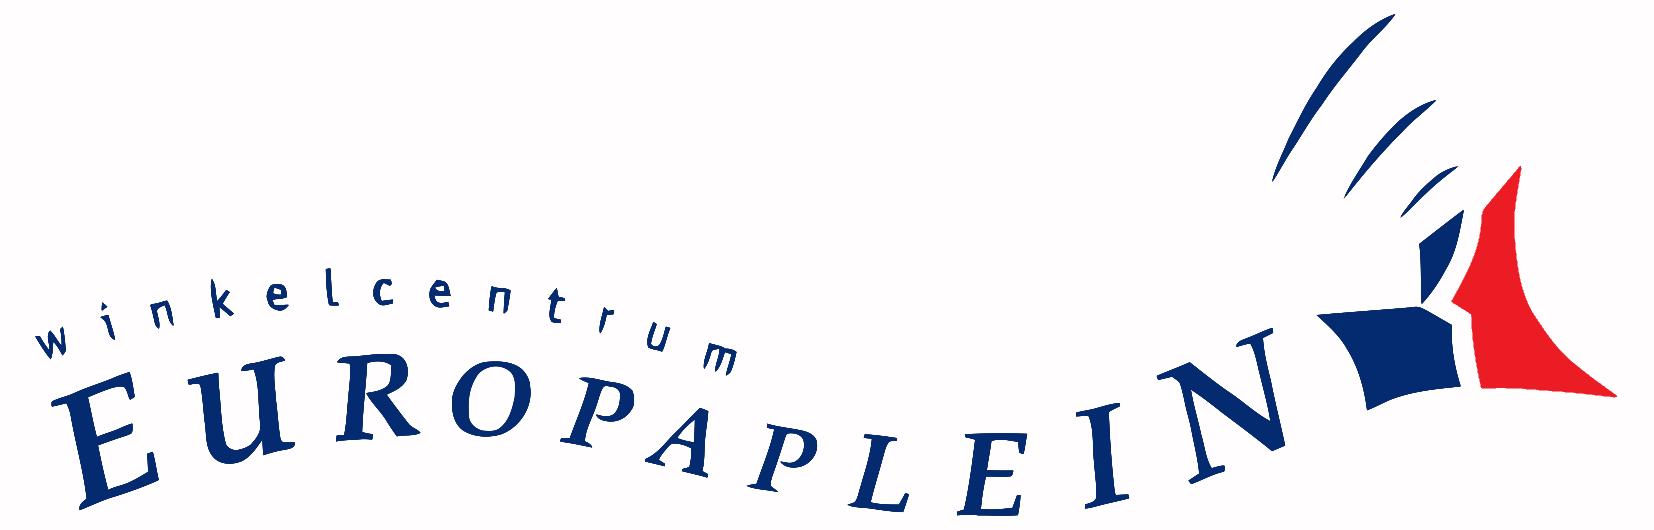 Europaplein logo